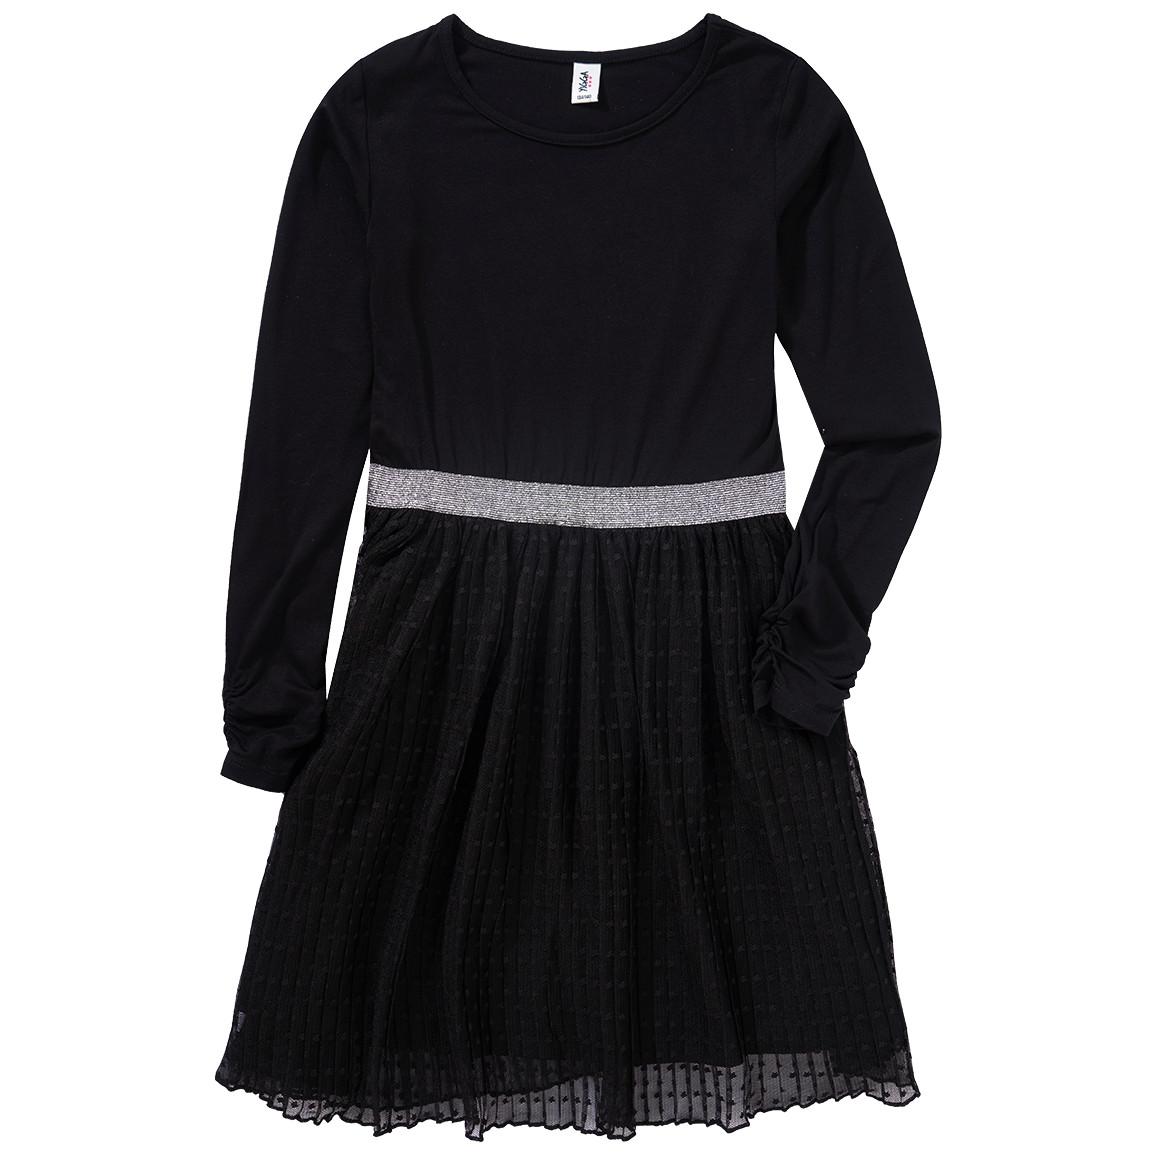 Girlsroeckekleider - Mädchen Kleid mit Tüll - Onlineshop Ernstings family